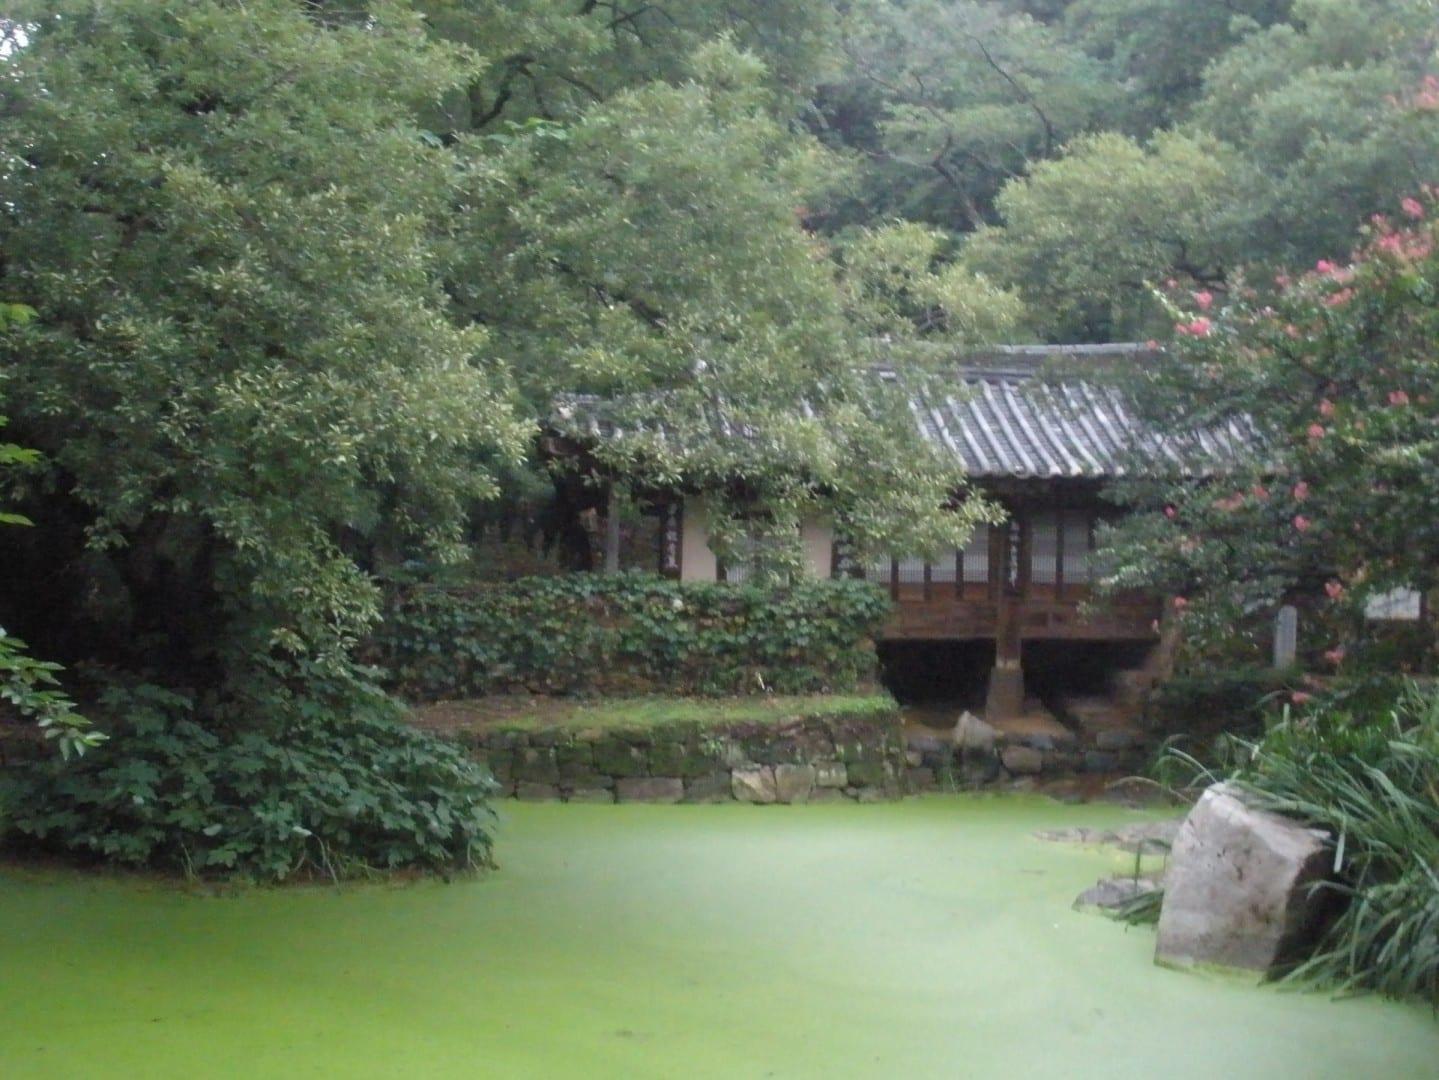 Jardines del Parque Histórico de Uam. Daejeon Corea del Sur